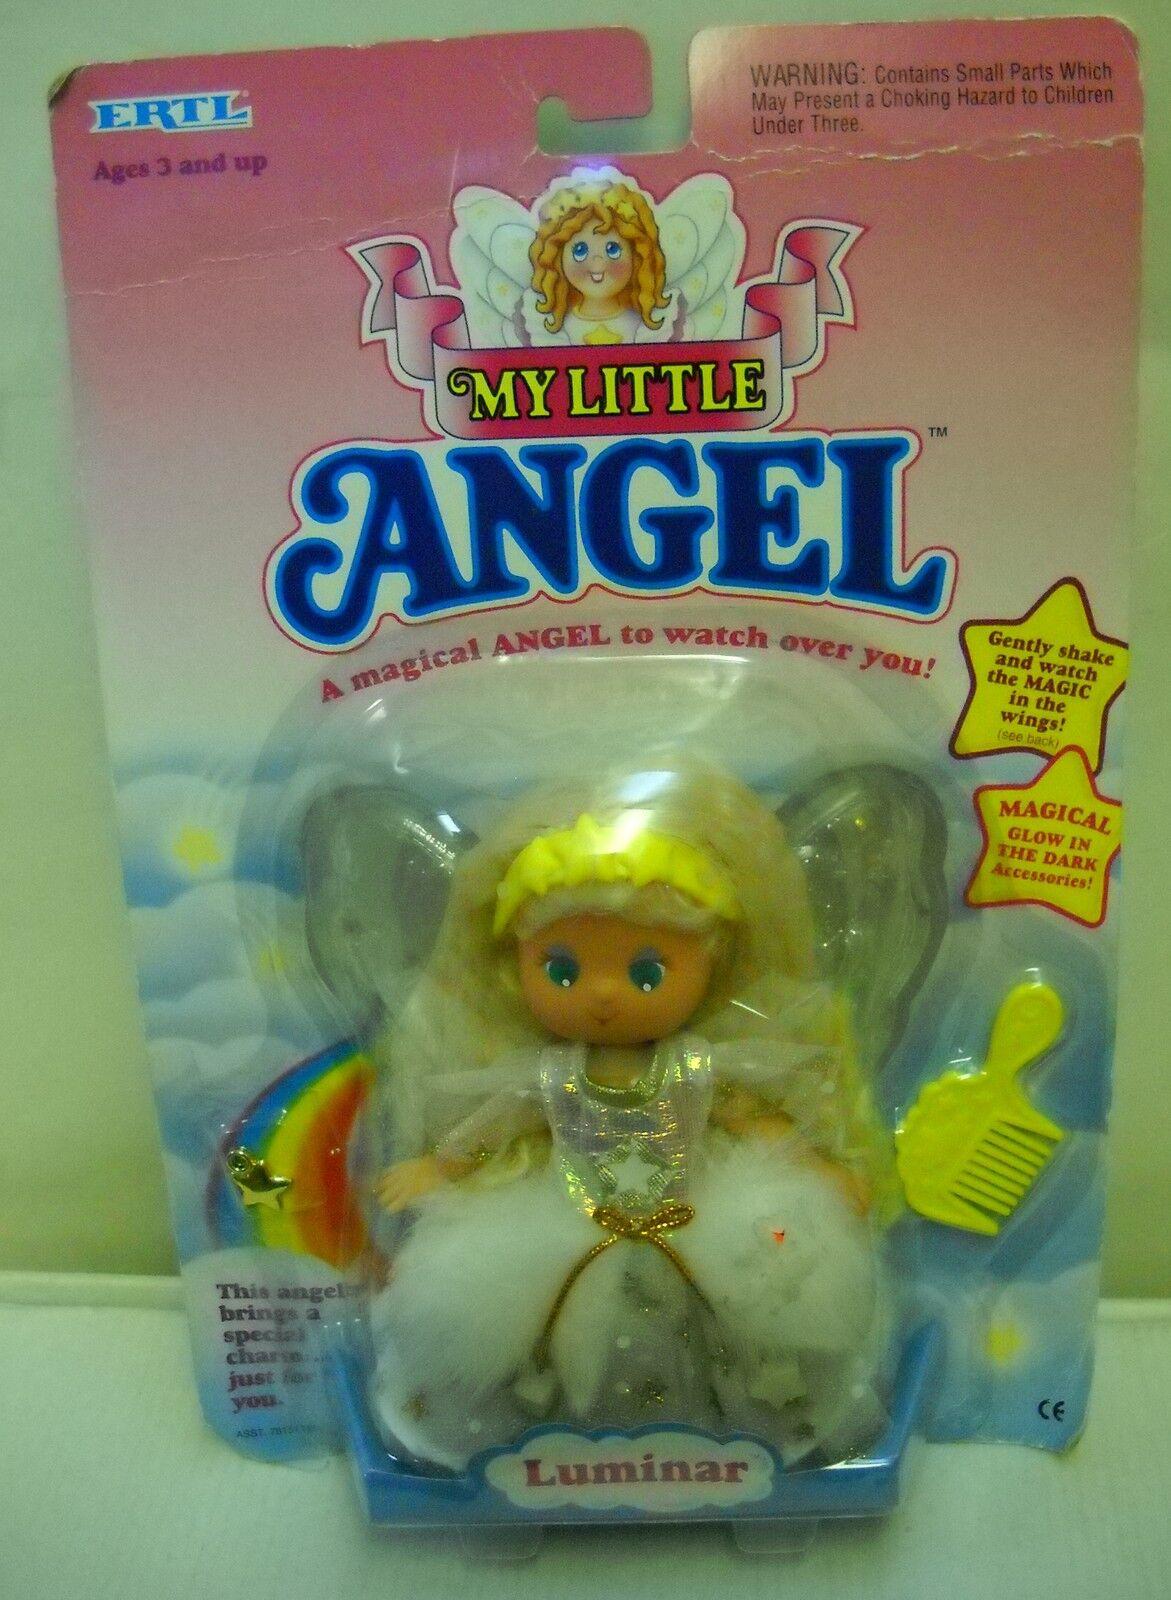 Nrfc Vintage Muñeca Luminar Ertl mi pequeño ángel